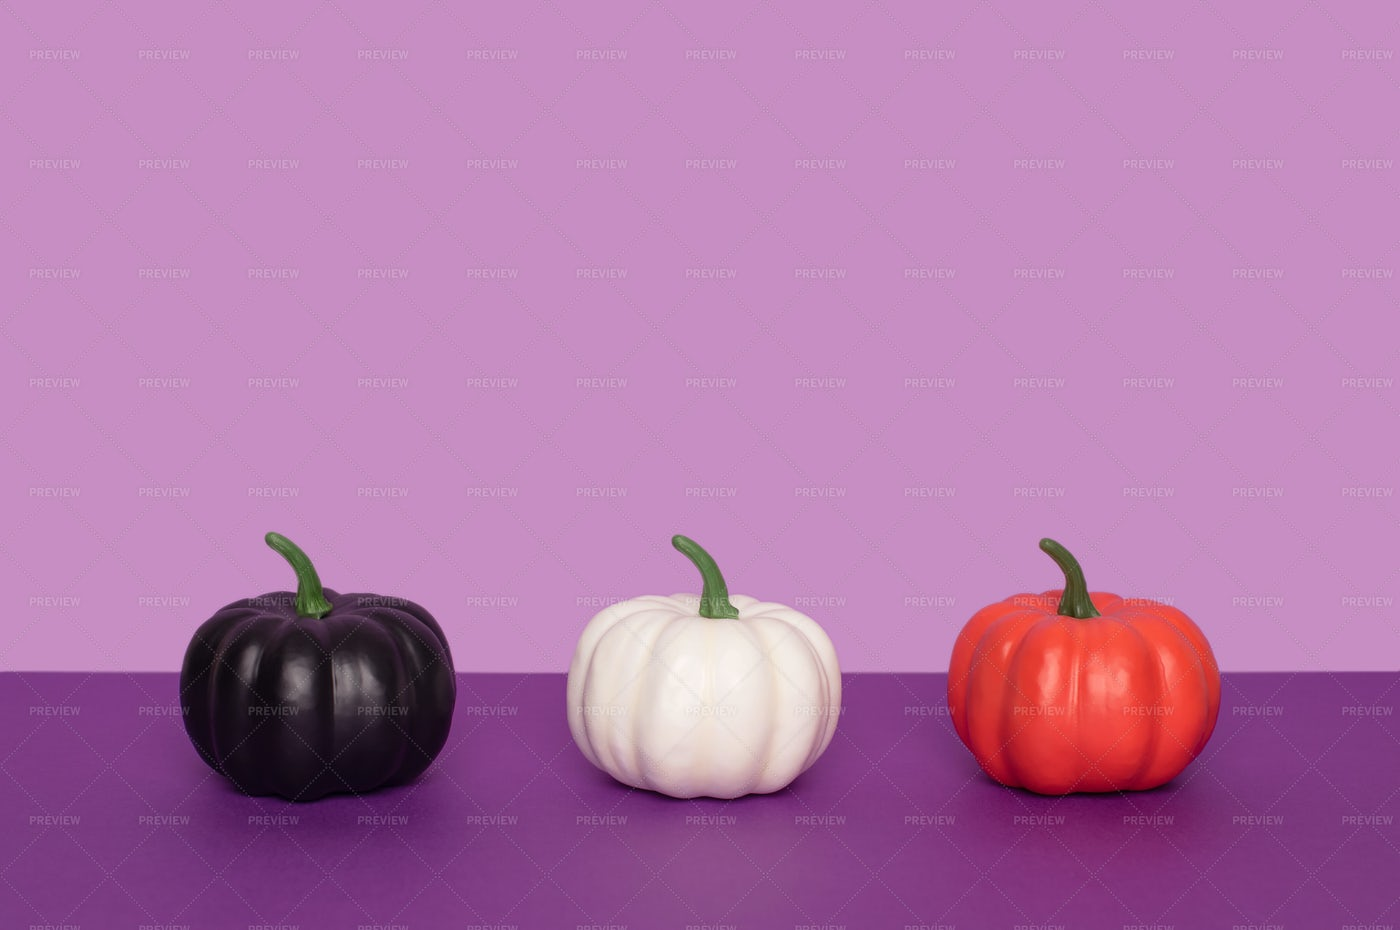 Painted Decorative Pumpkins: Stock Photos